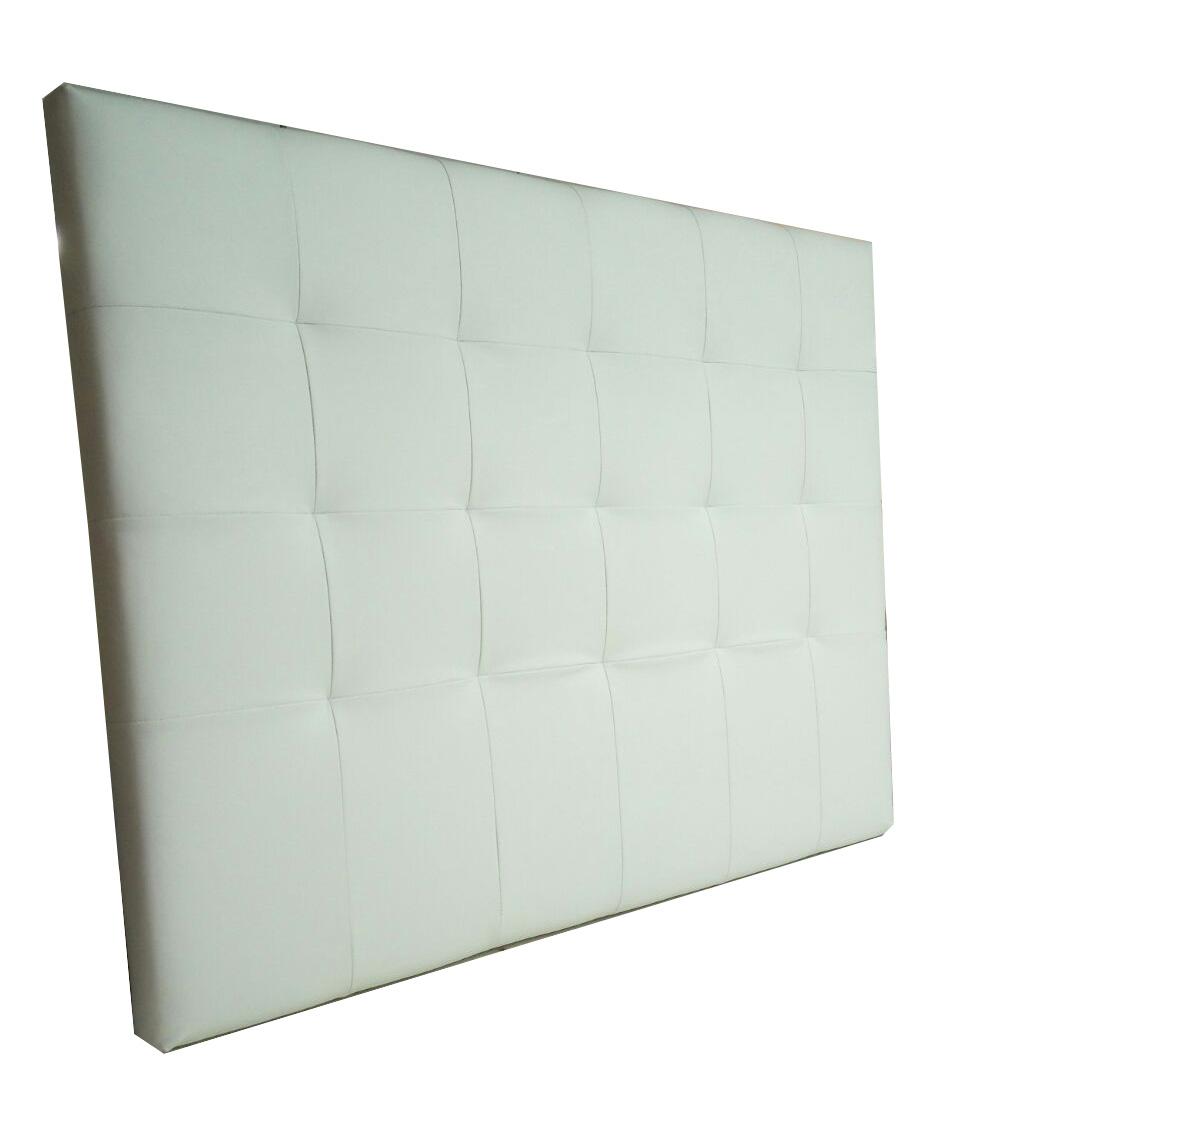 Cabezales de cama nuevos medida retapizados con capitone tela polipiel - Cabezales de tela ...